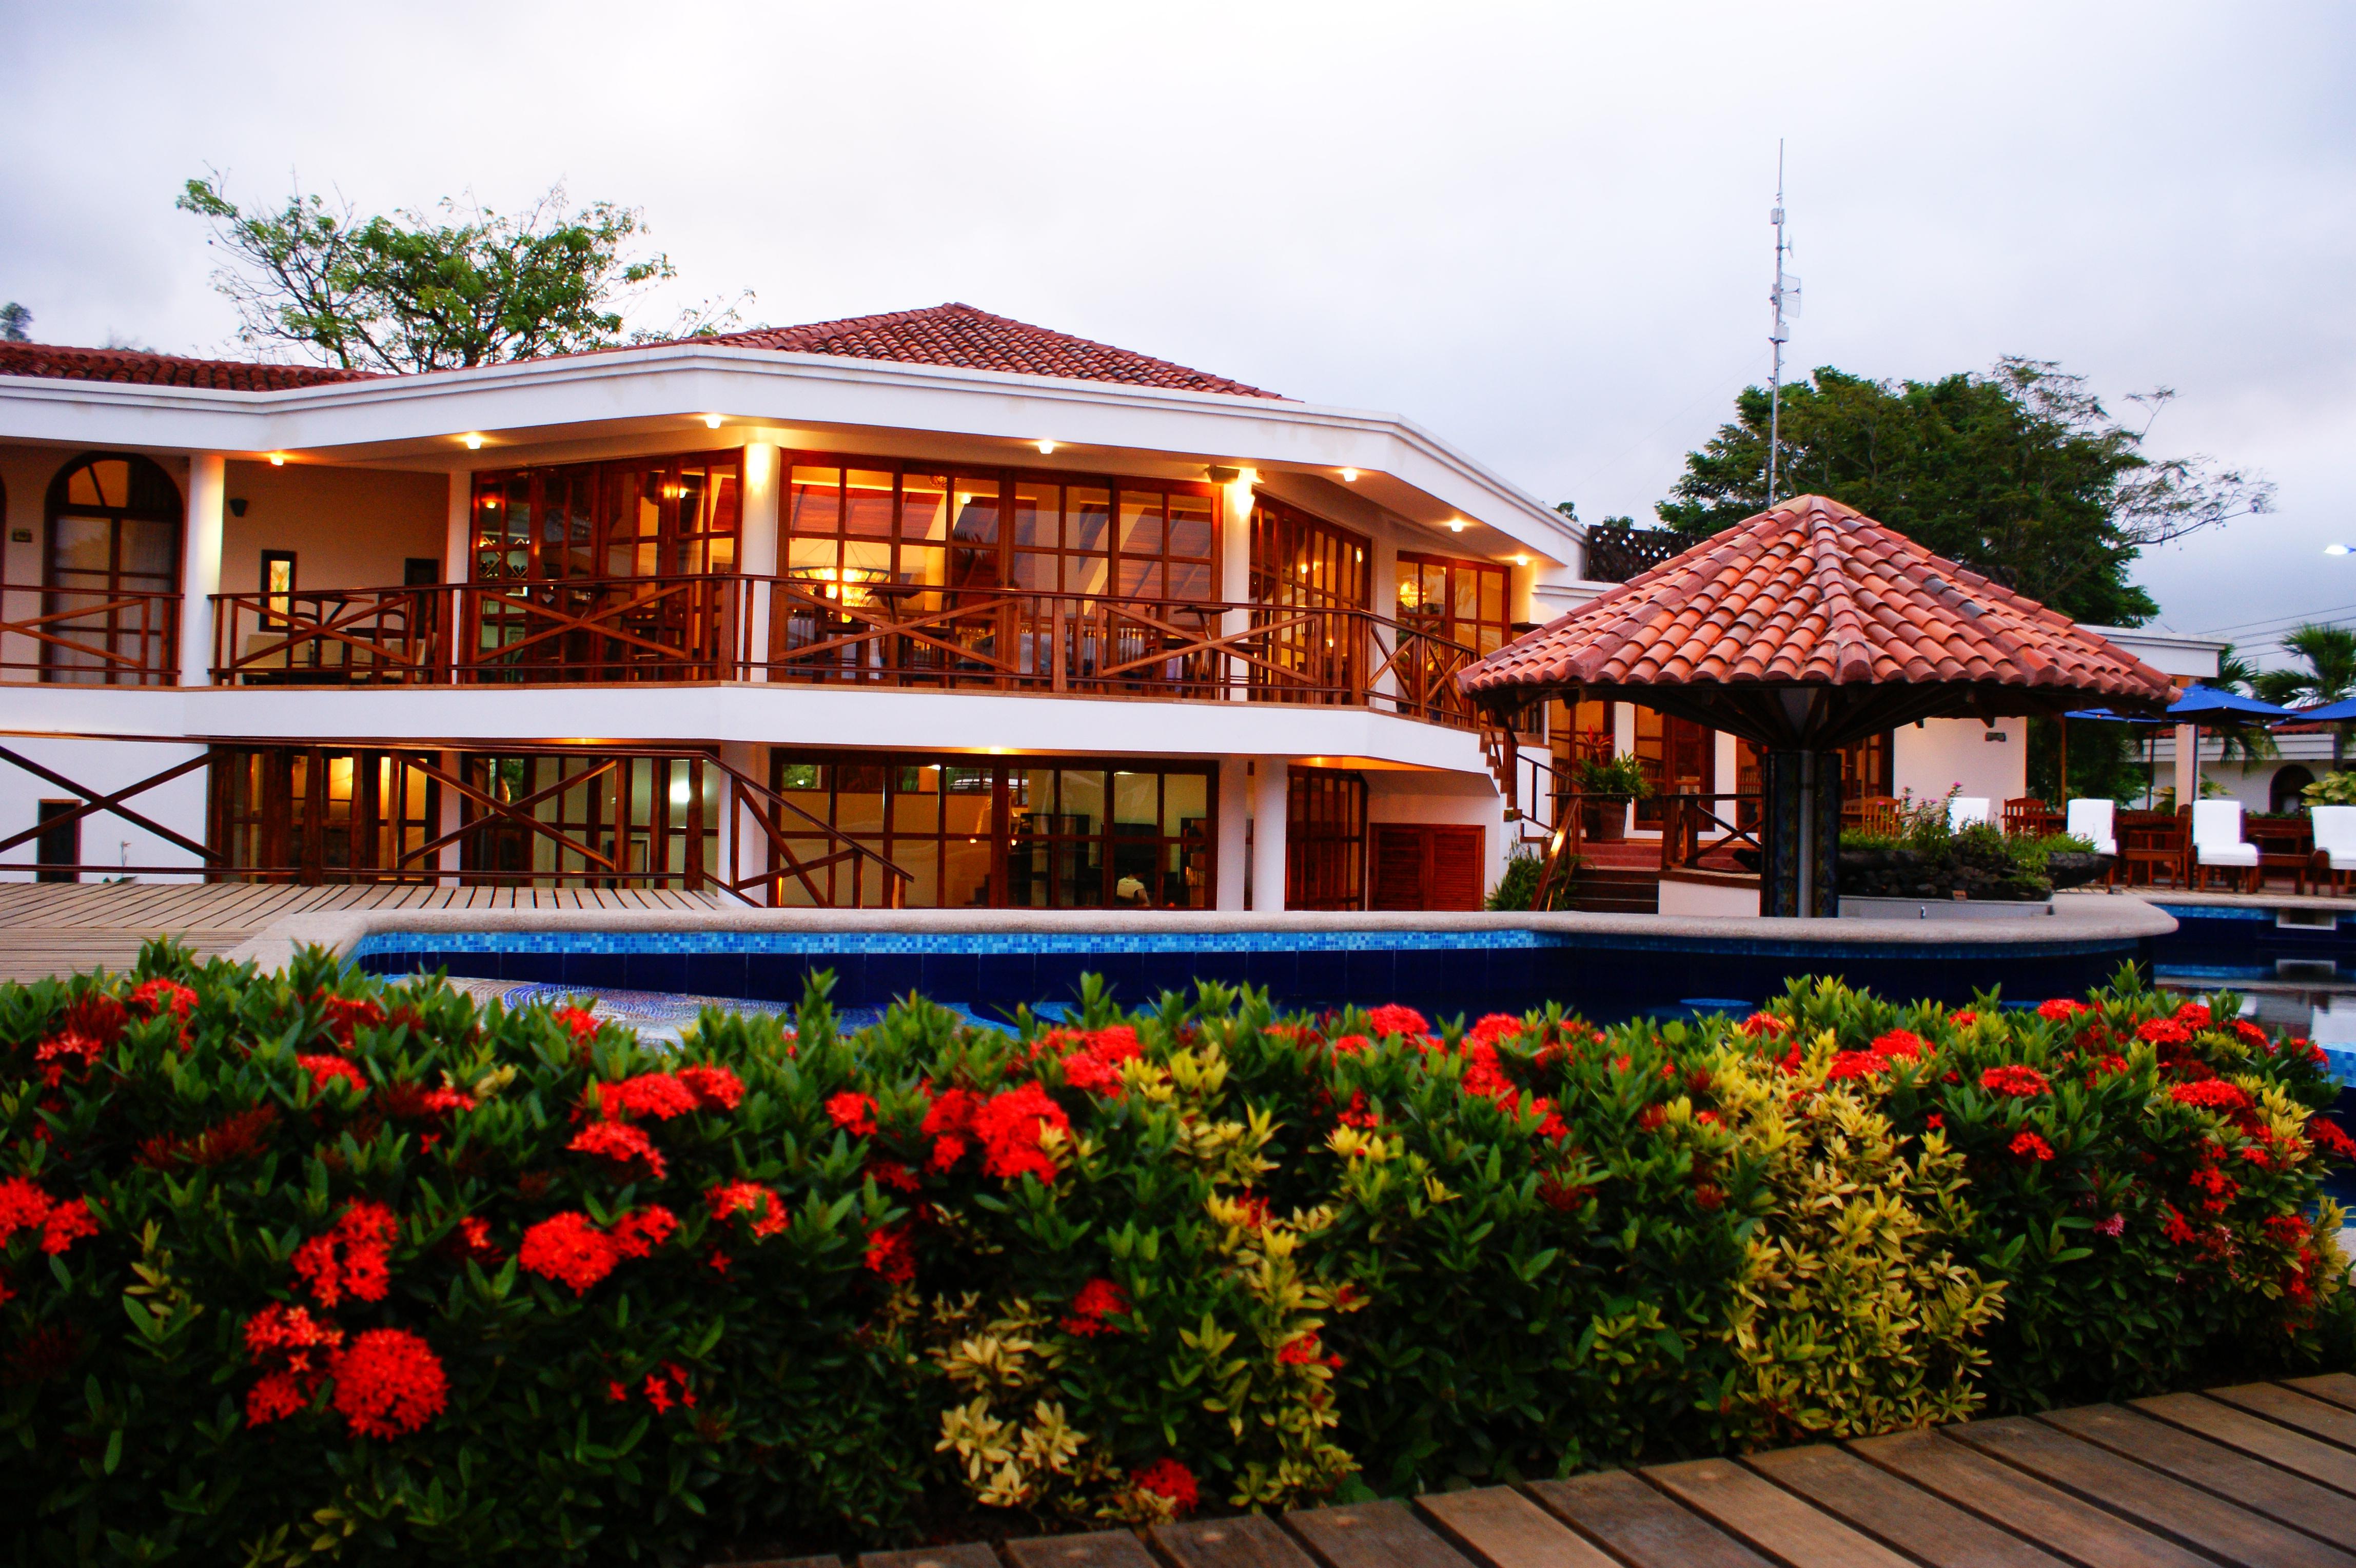 Casa Ceibo